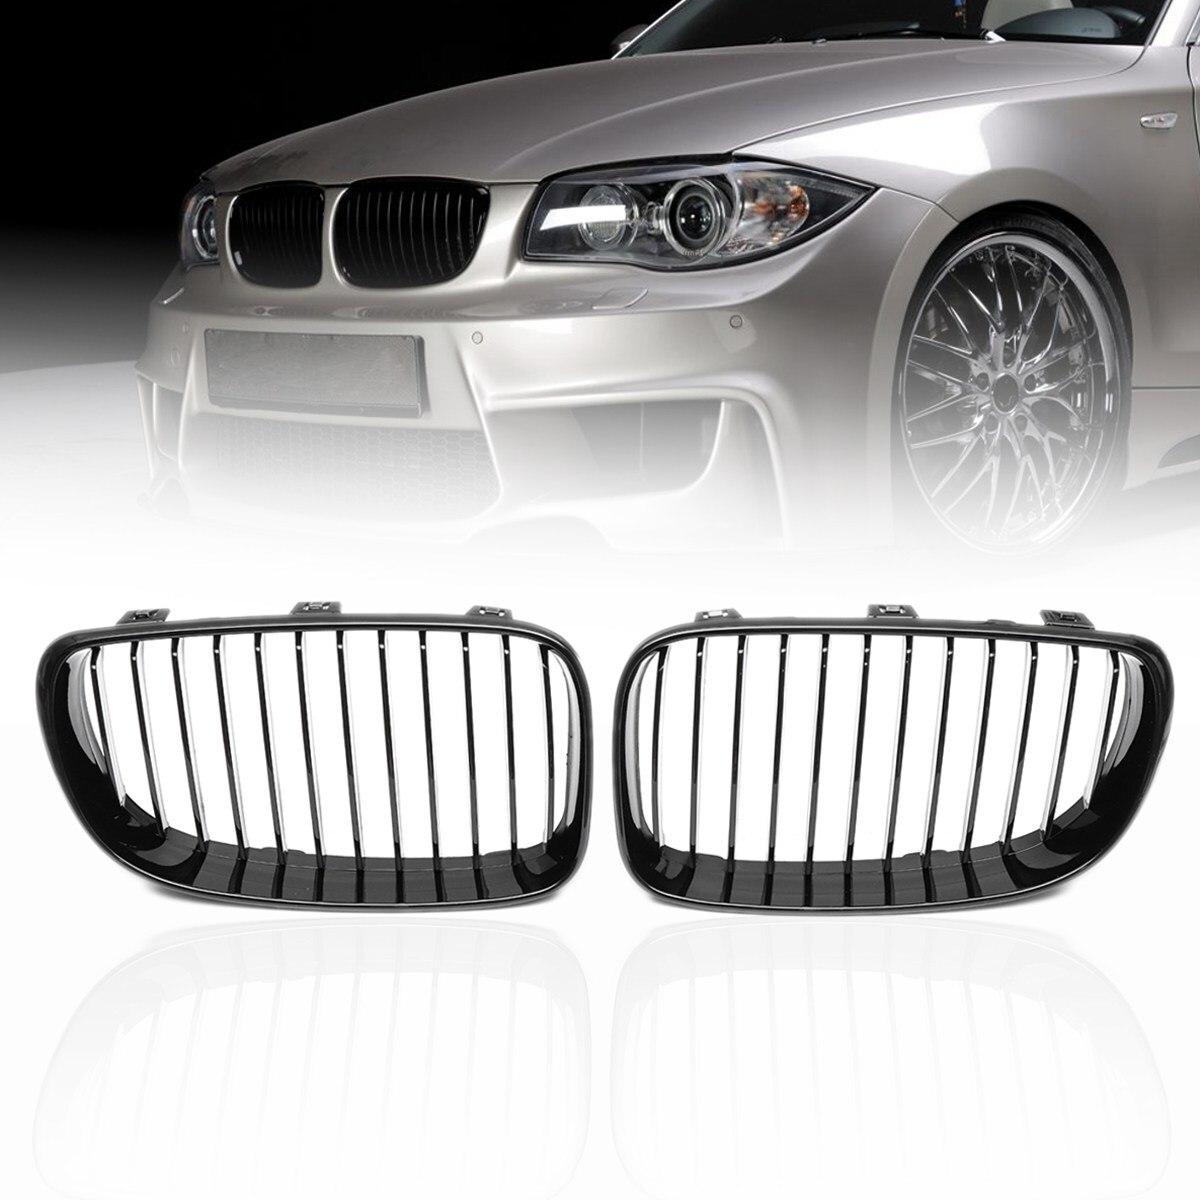 Pair ABS Matte Gloss Black M Color Carbon 2 Slat Front Kidney Grilles For BMW 1 SERIES E81 E82 E87 E88 2 4d 2007 2008 2012 2013